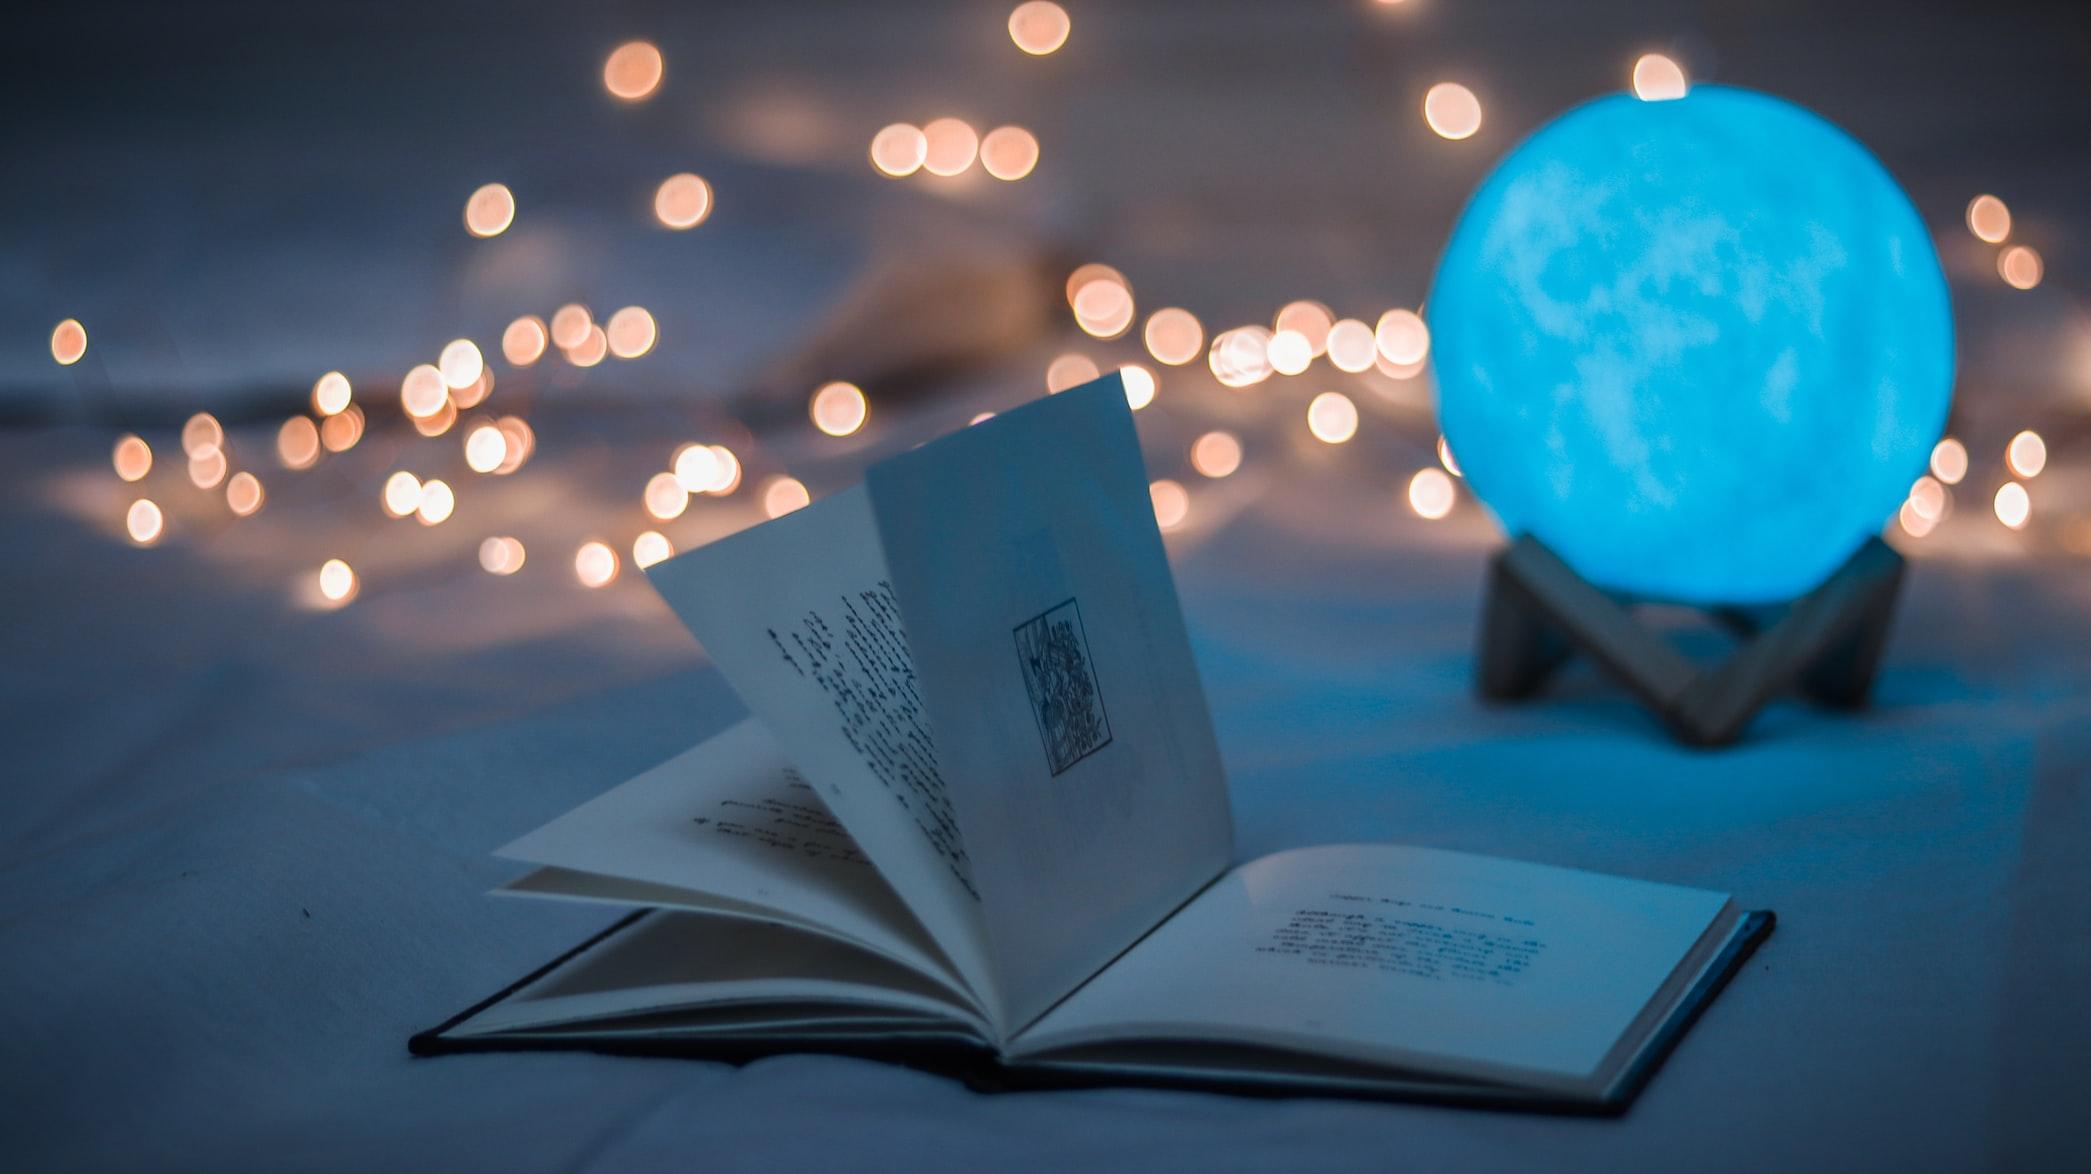 青い光の中で本を読む